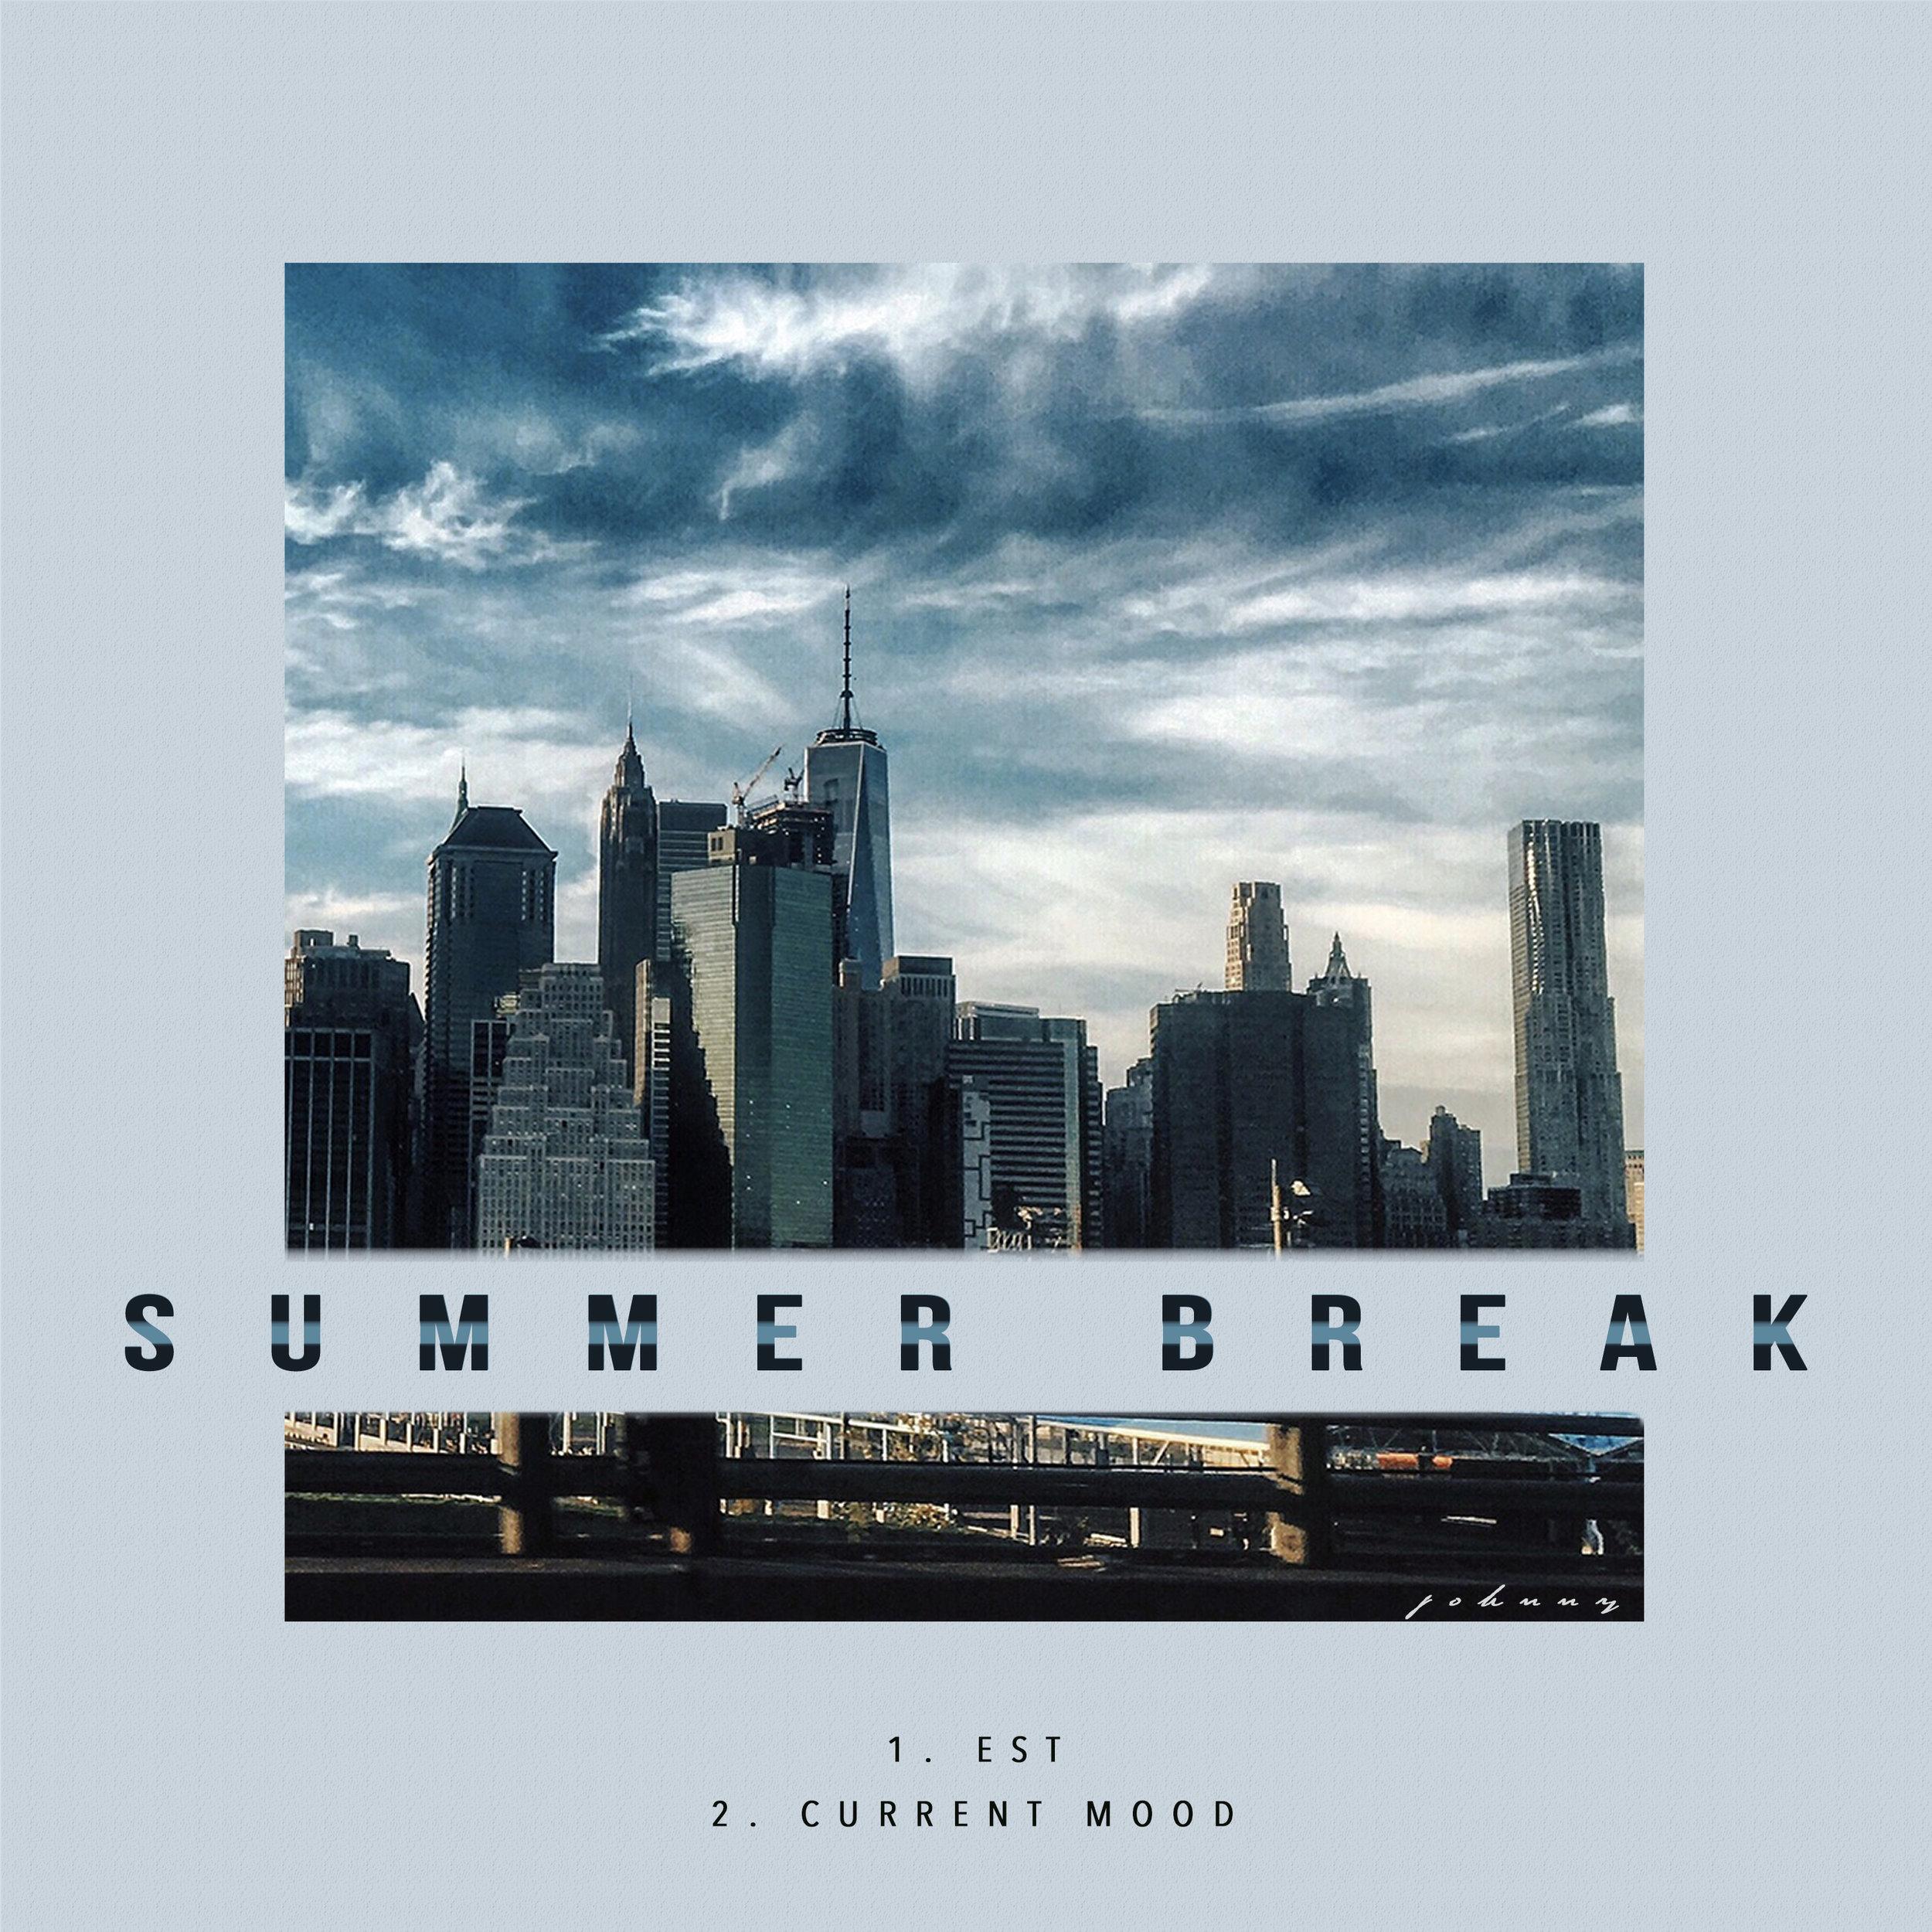 LISTEN-TO-JOHNNY-SUMMER-BREAK-ART-JOHN-WHORISKEY-JR.jpg